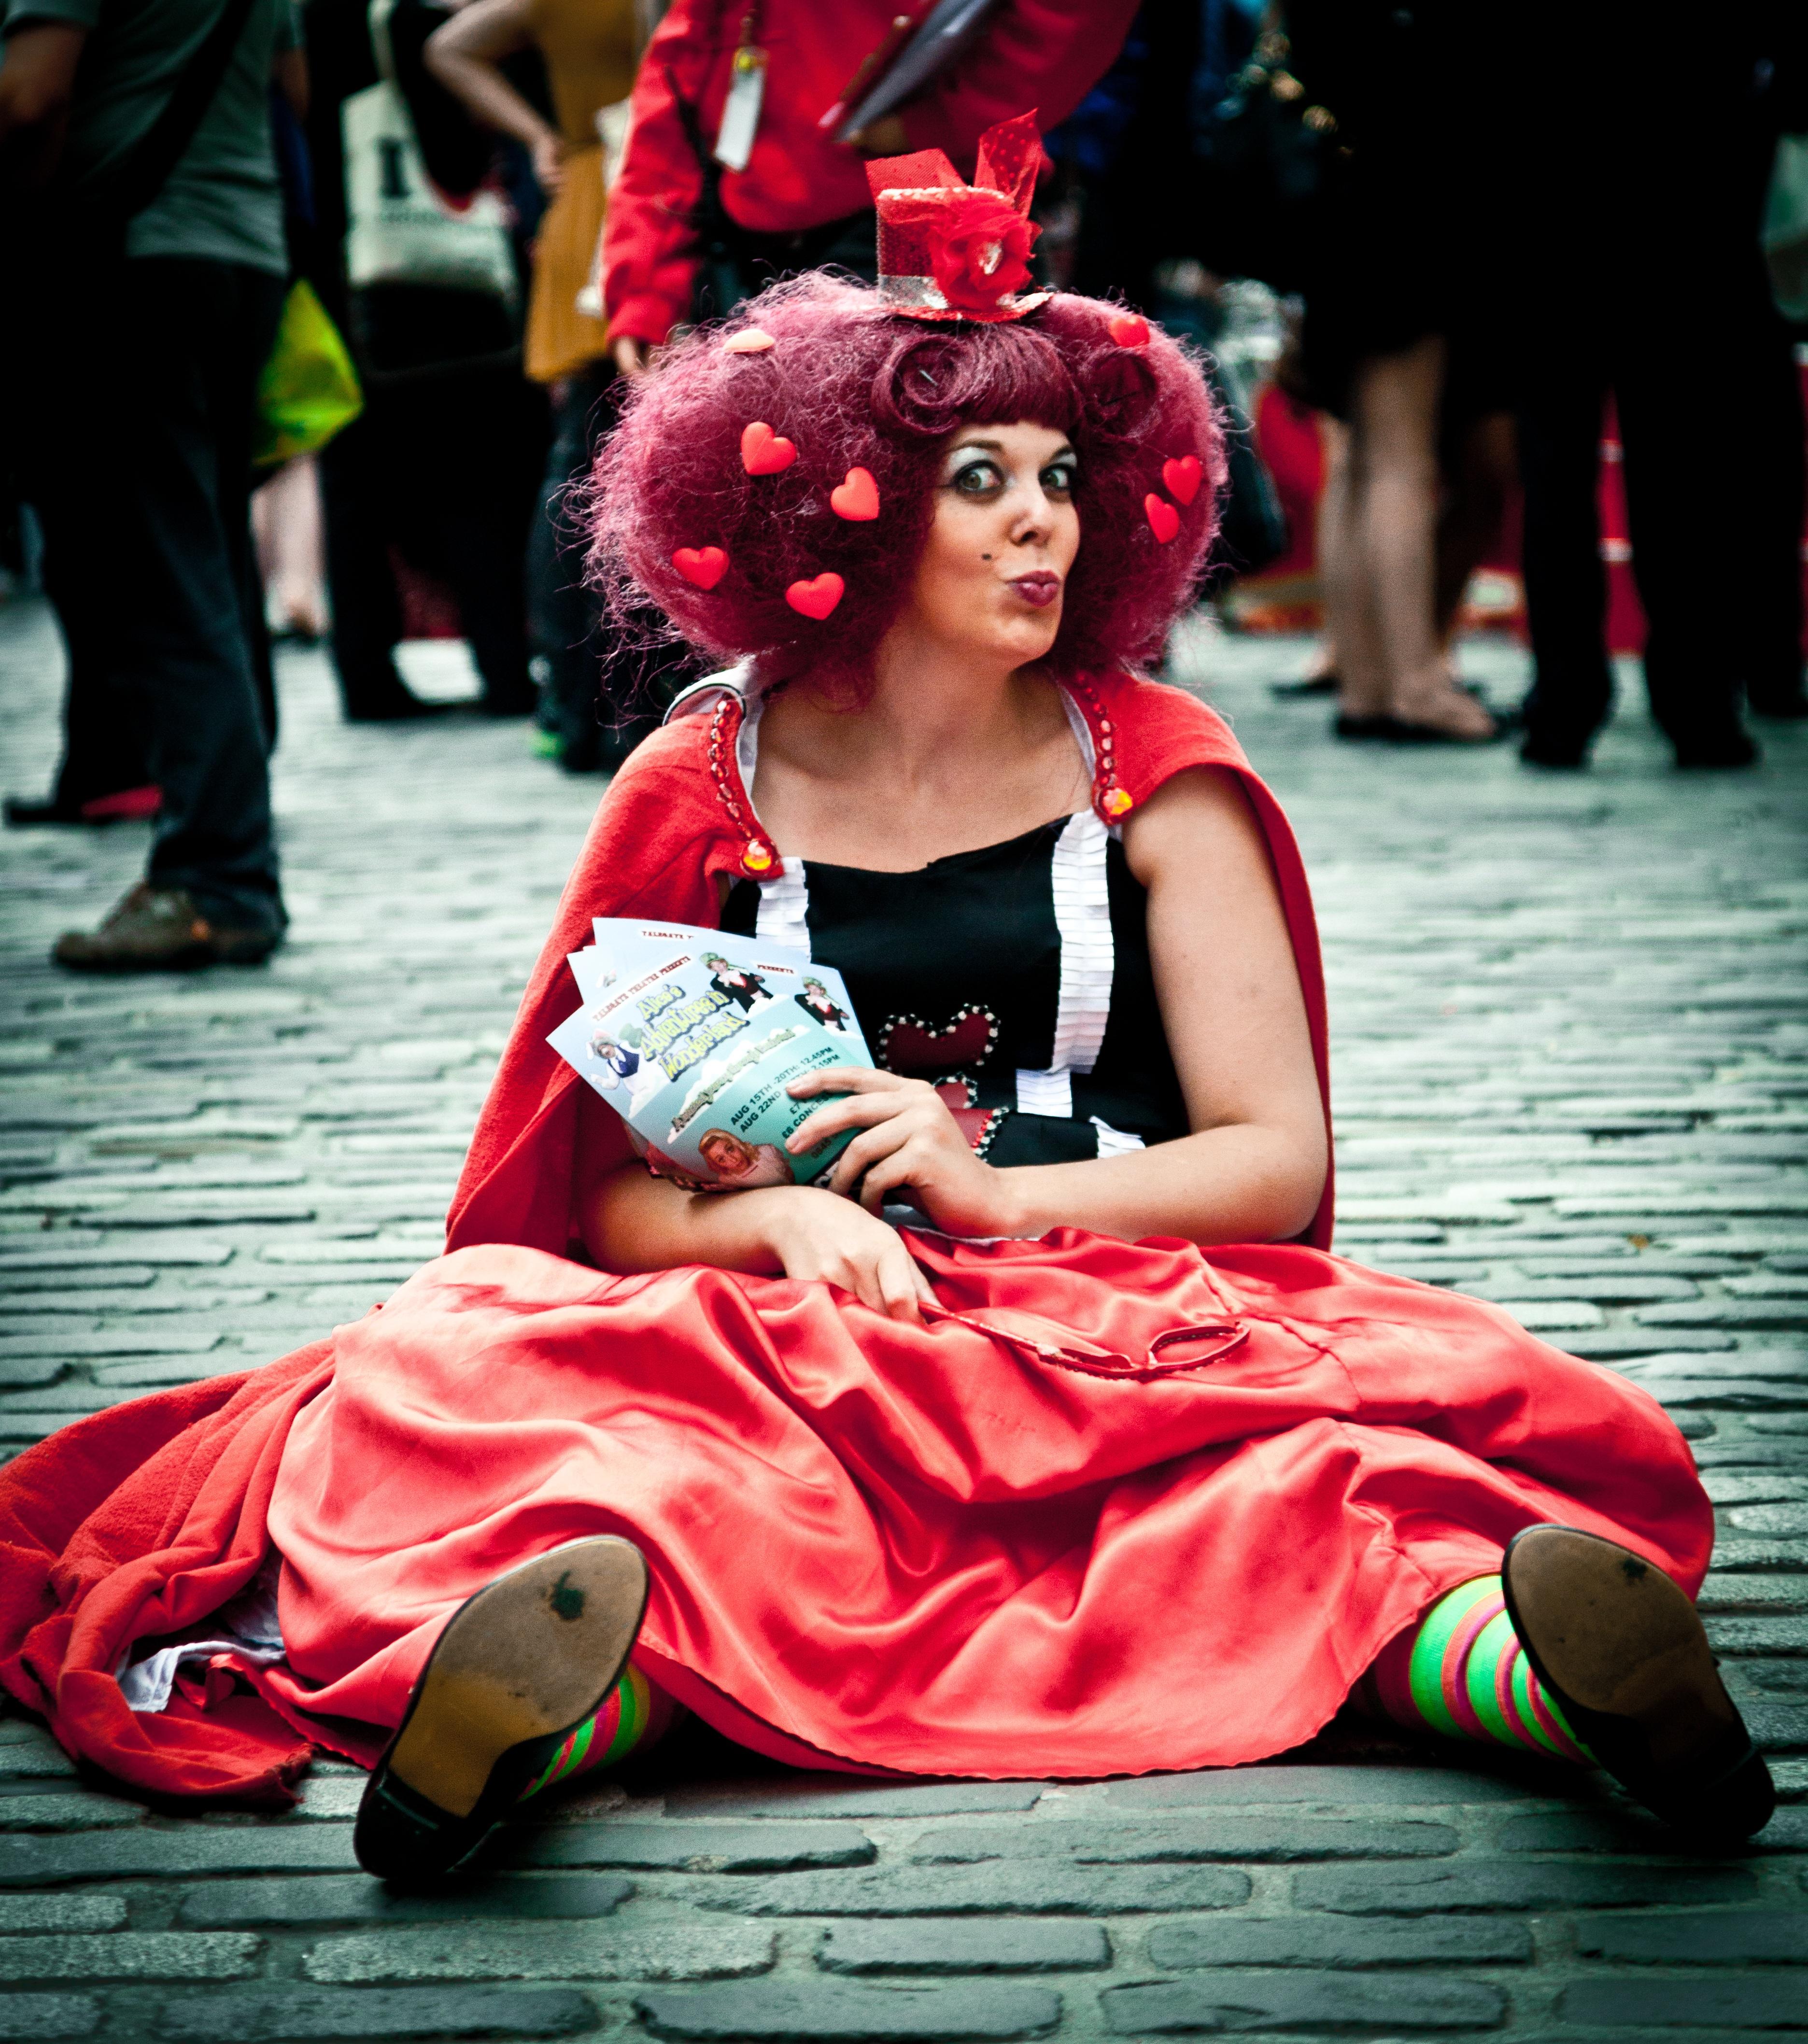 Fotos gratis : gente, hembra, rojo, color, artista, humano, ropa ...